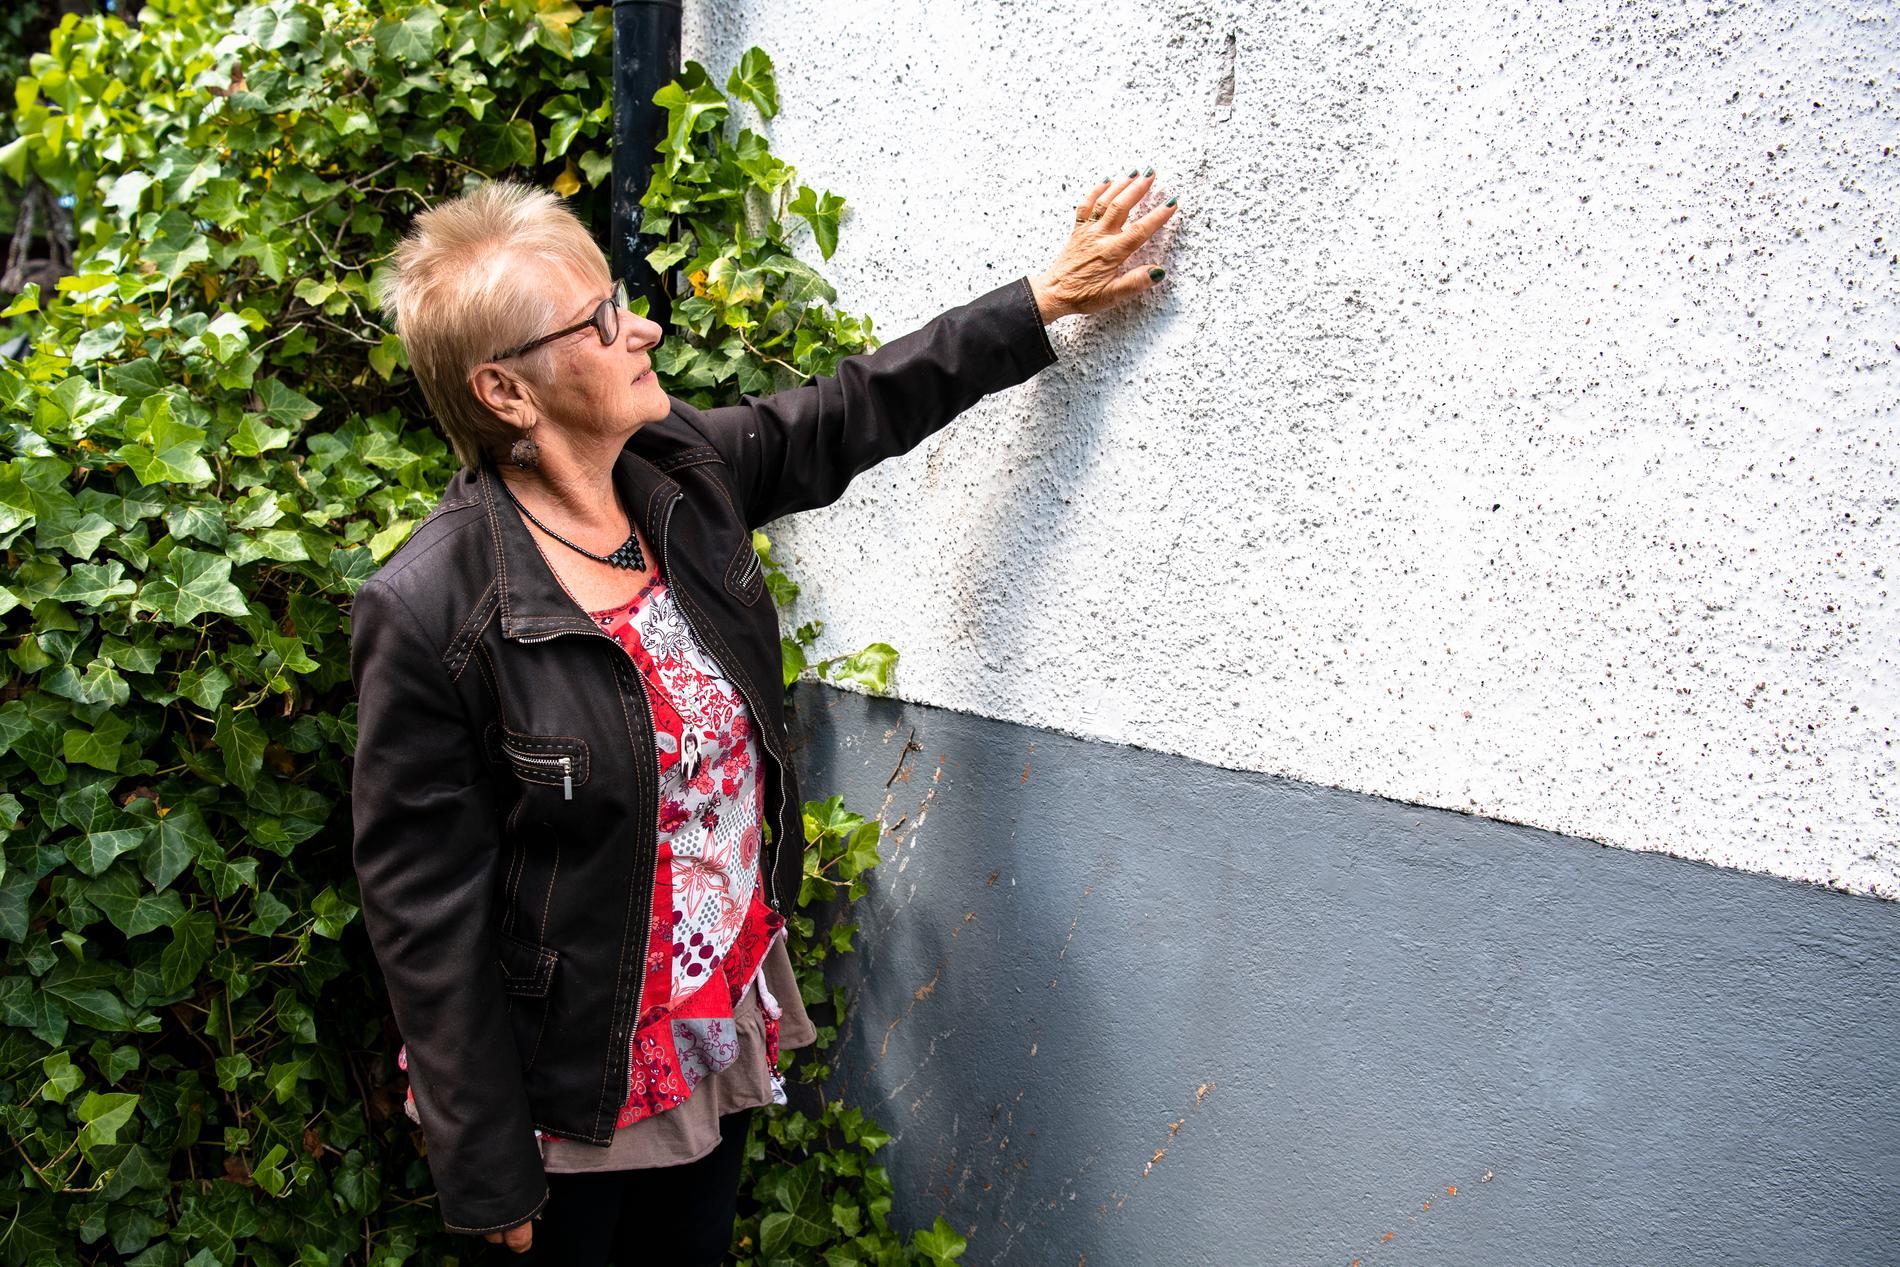 På vissa delar i fasaden kan Airi Grahnström få in hela handen i sprickorna.